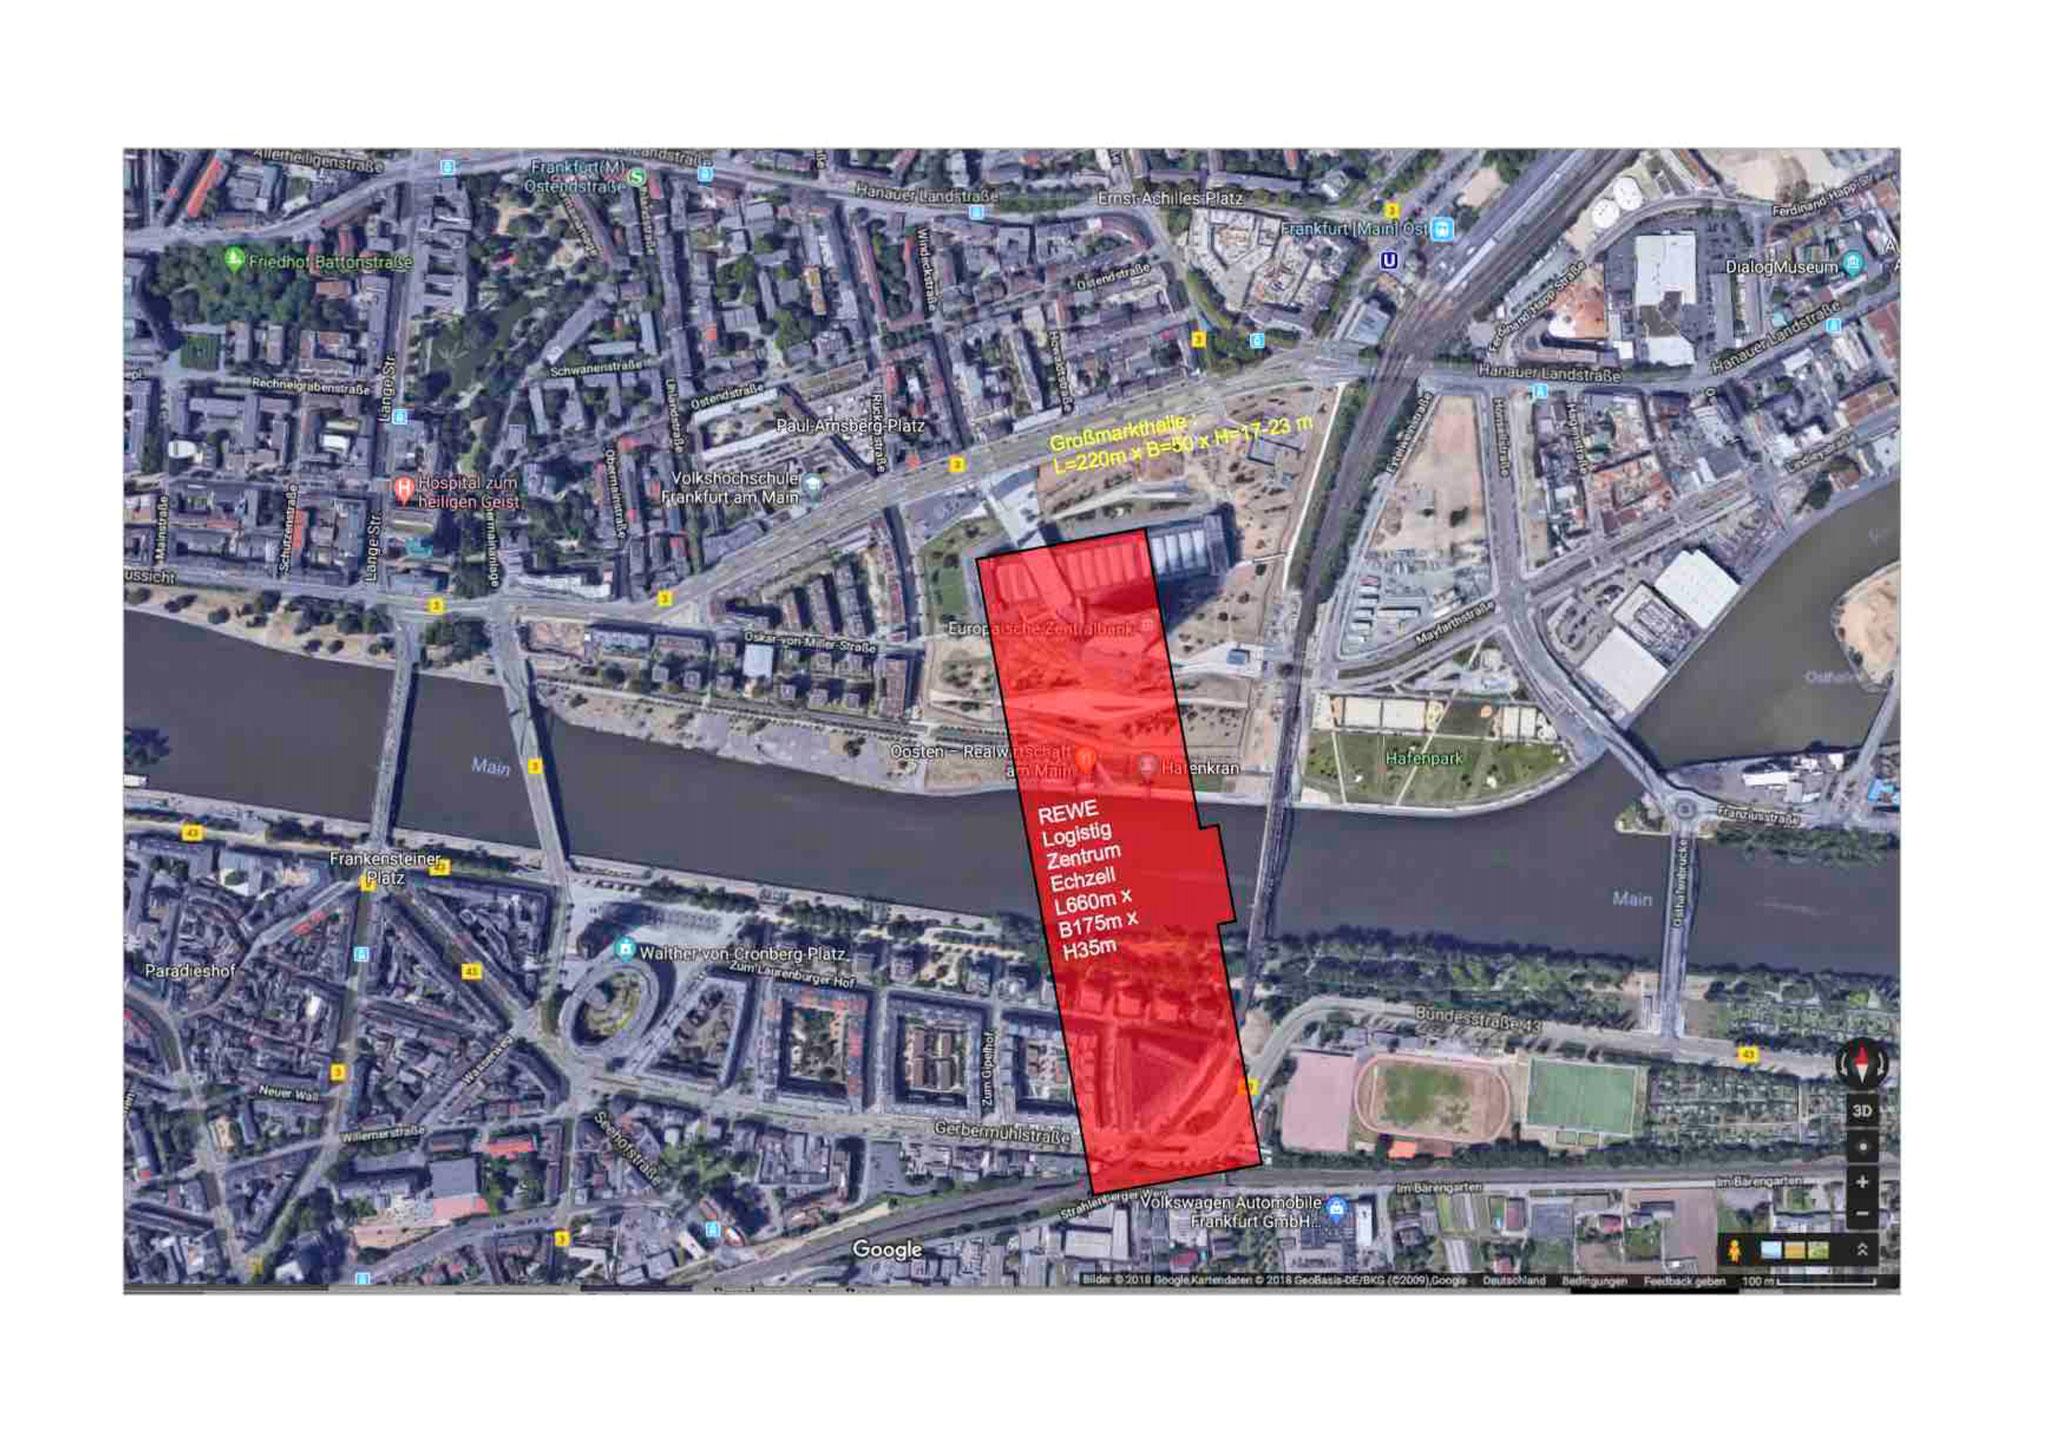 Vergleich mit ehemaliger Großmarkthalle in Frankfurt zeigt: Das REWE-Gebäude (rot) ist um ein Vielfaches größer.